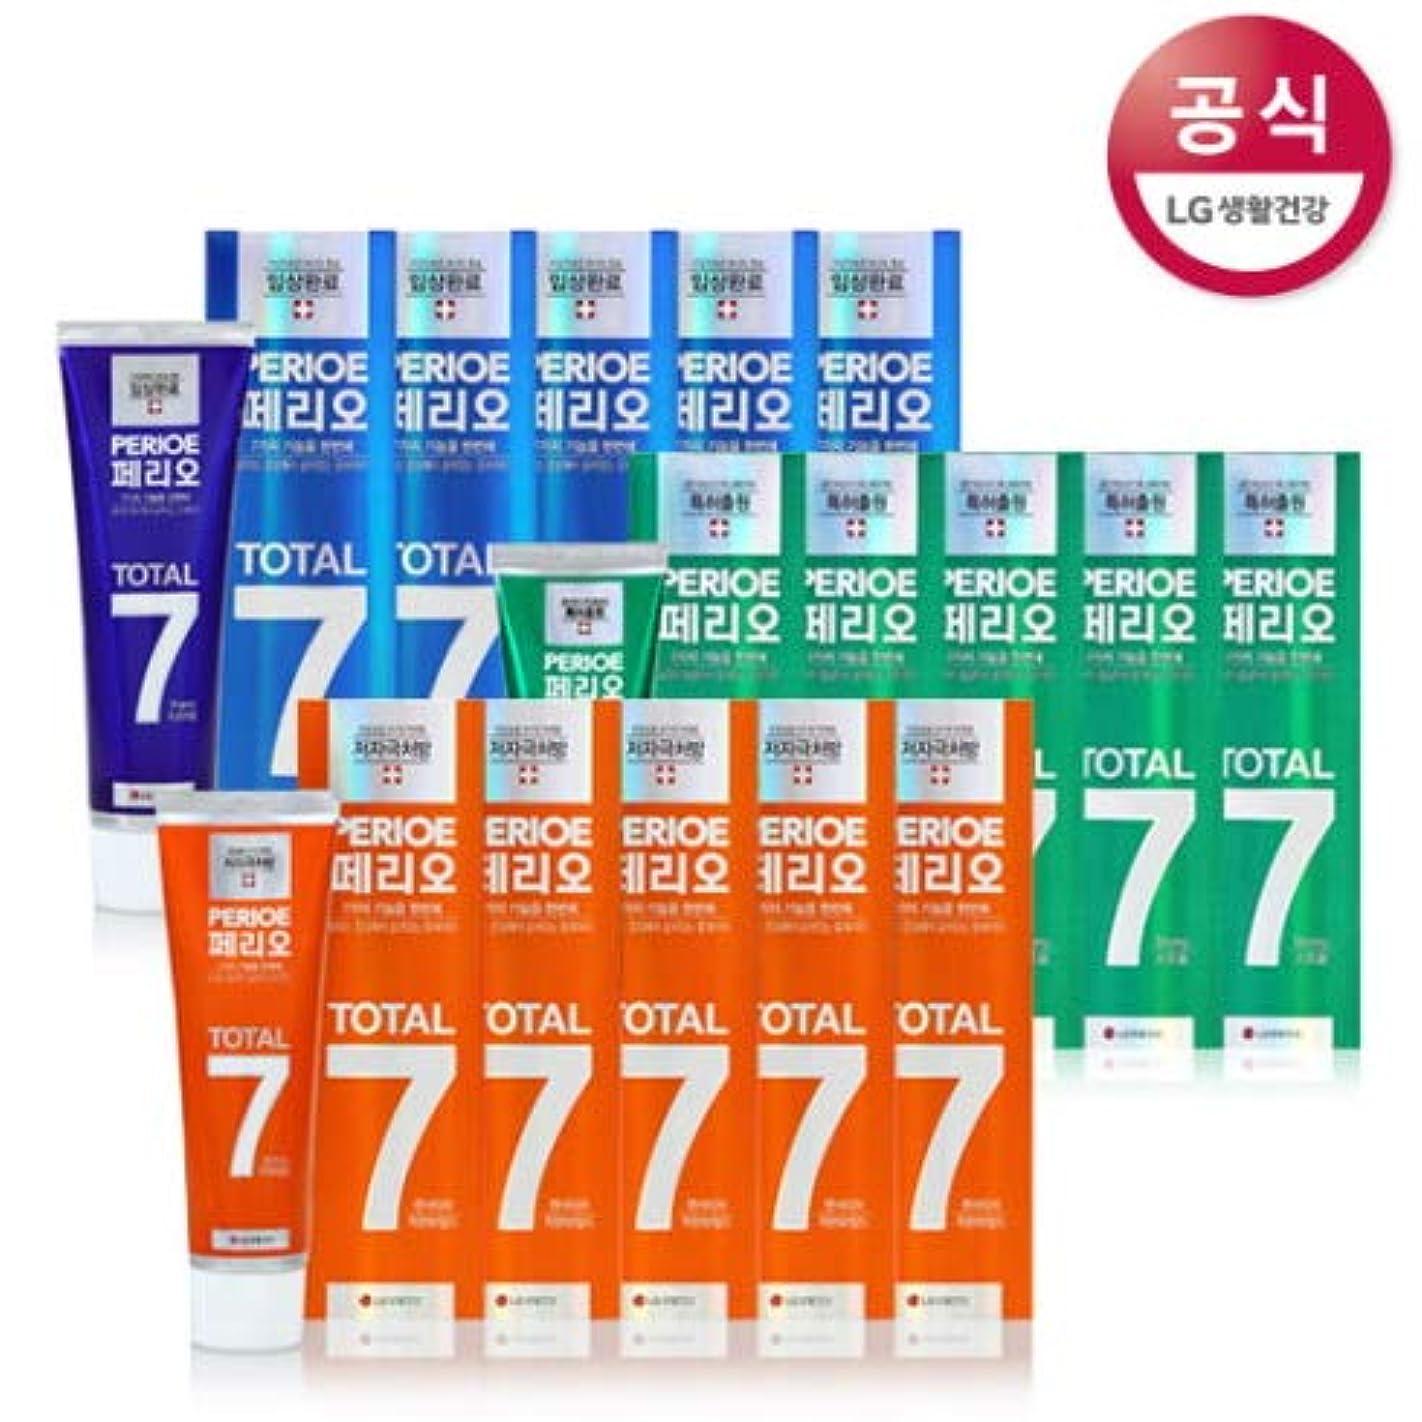 アスペクトガイドライン不適[LG HnB] Perio Total 7 toothpaste /ペリオトータル7歯磨き粉 120gx18個(海外直送品)